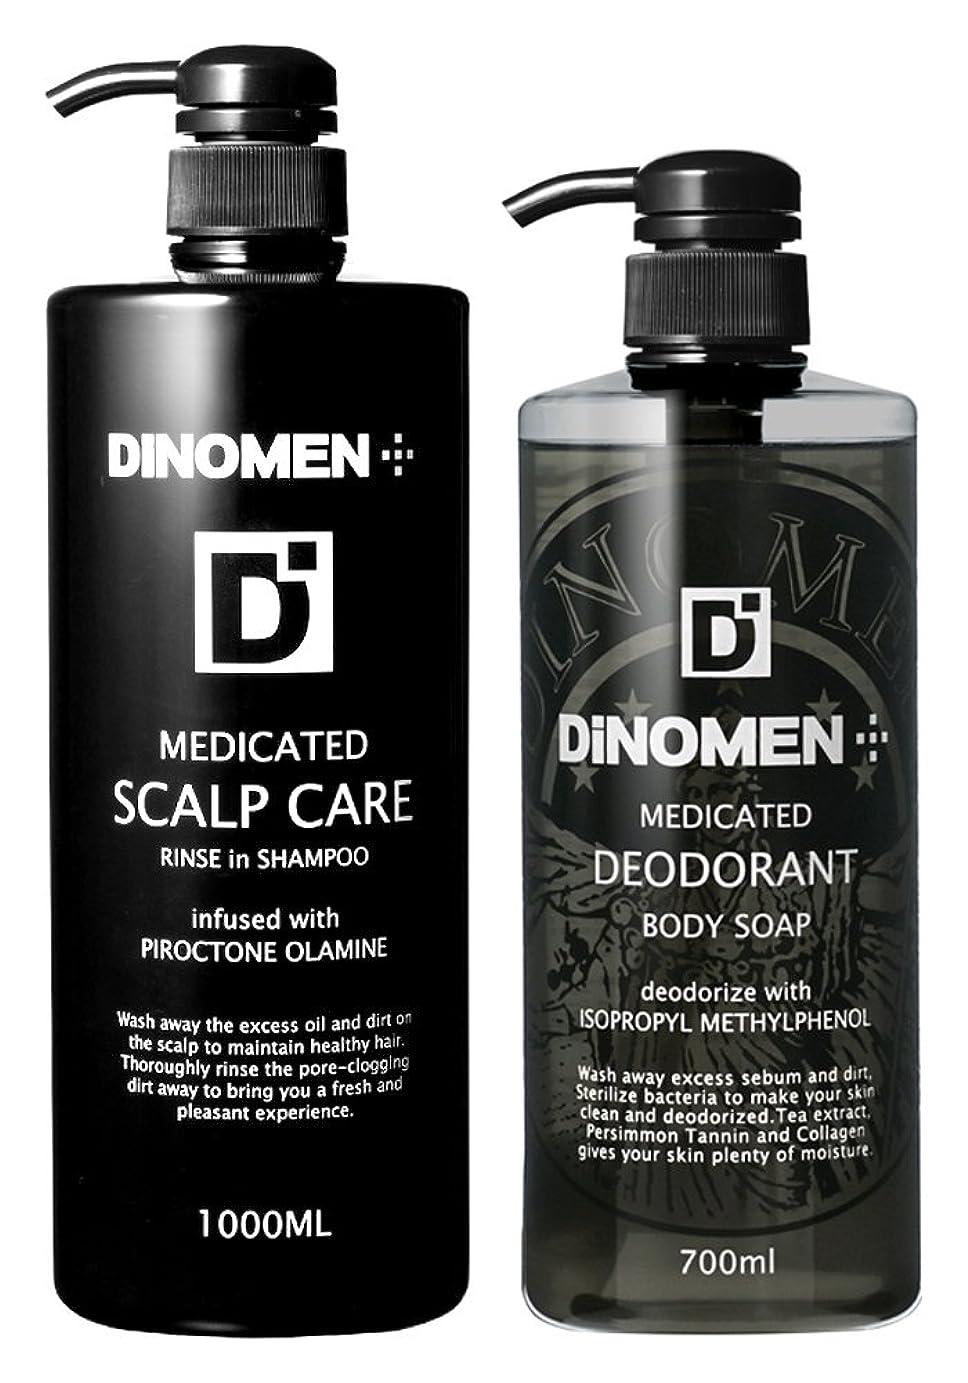 地殻安定しました不潔DiNOMEN 薬用スカルプケアリンスインシャンプー1000ml & 薬用デオドラントボディソープセット